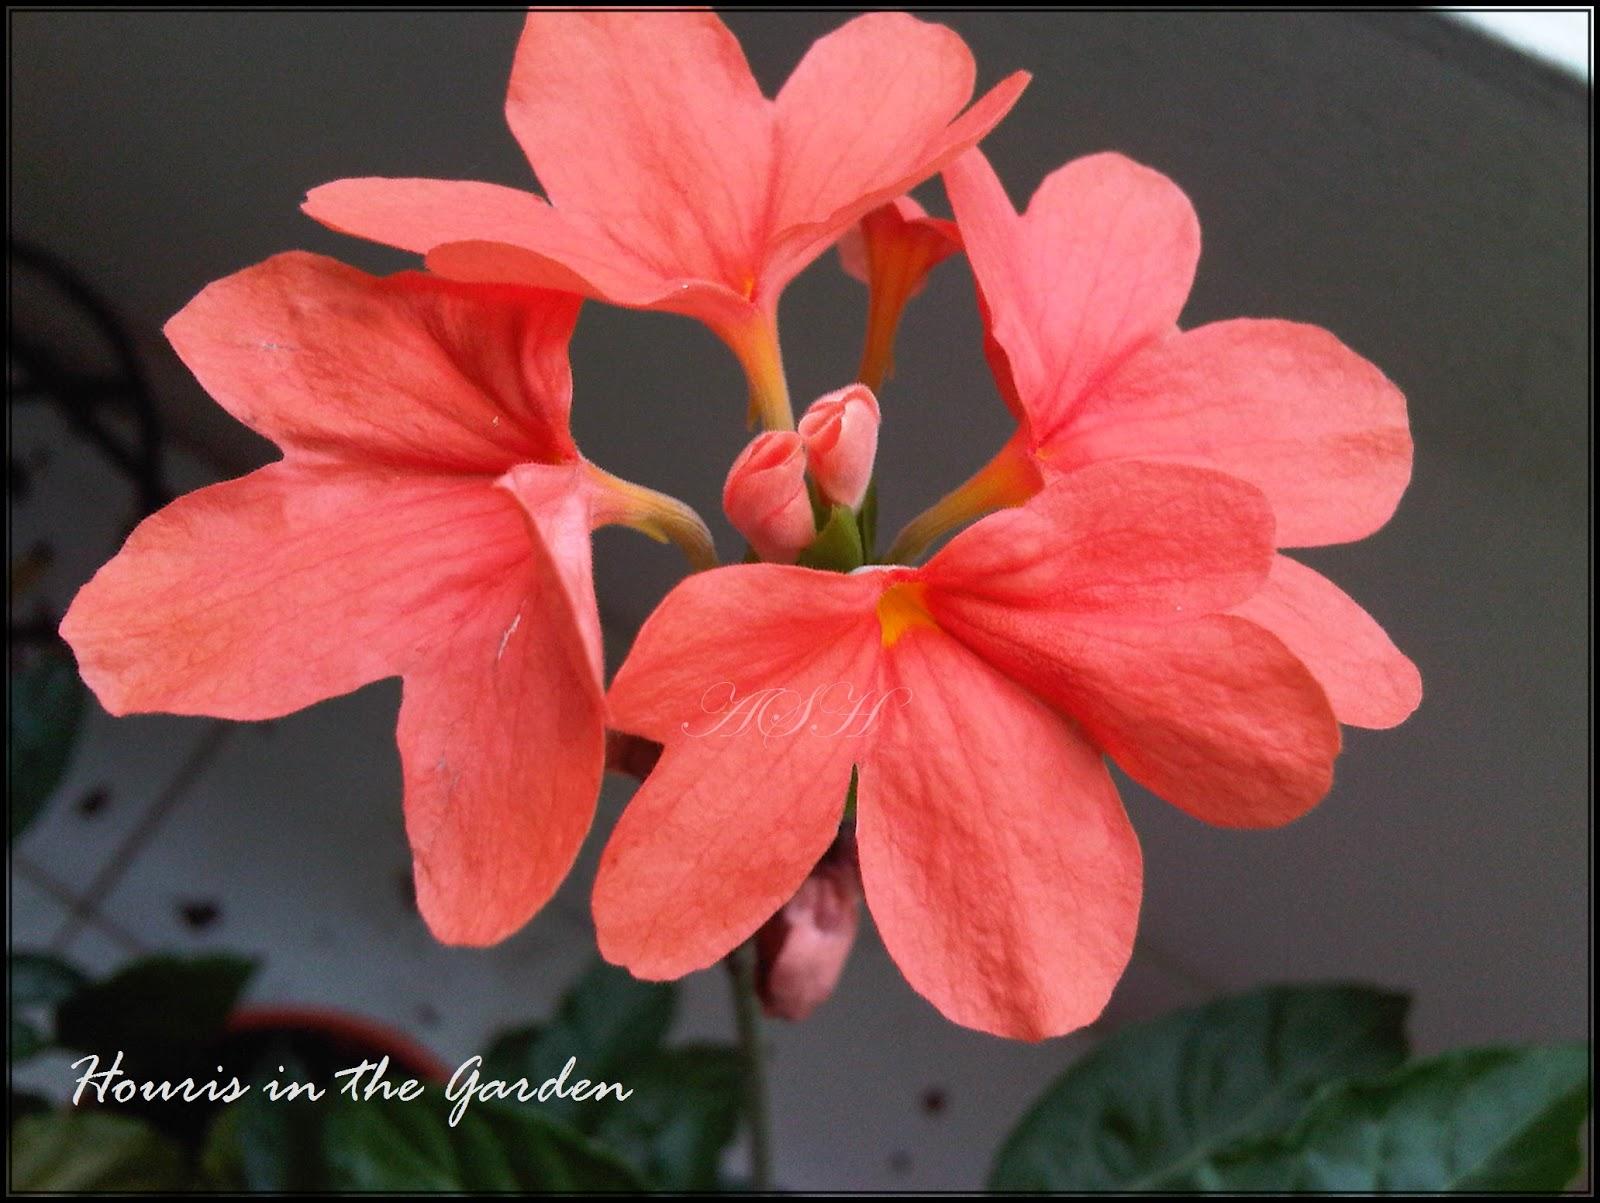 Houris in the Garden: 2012